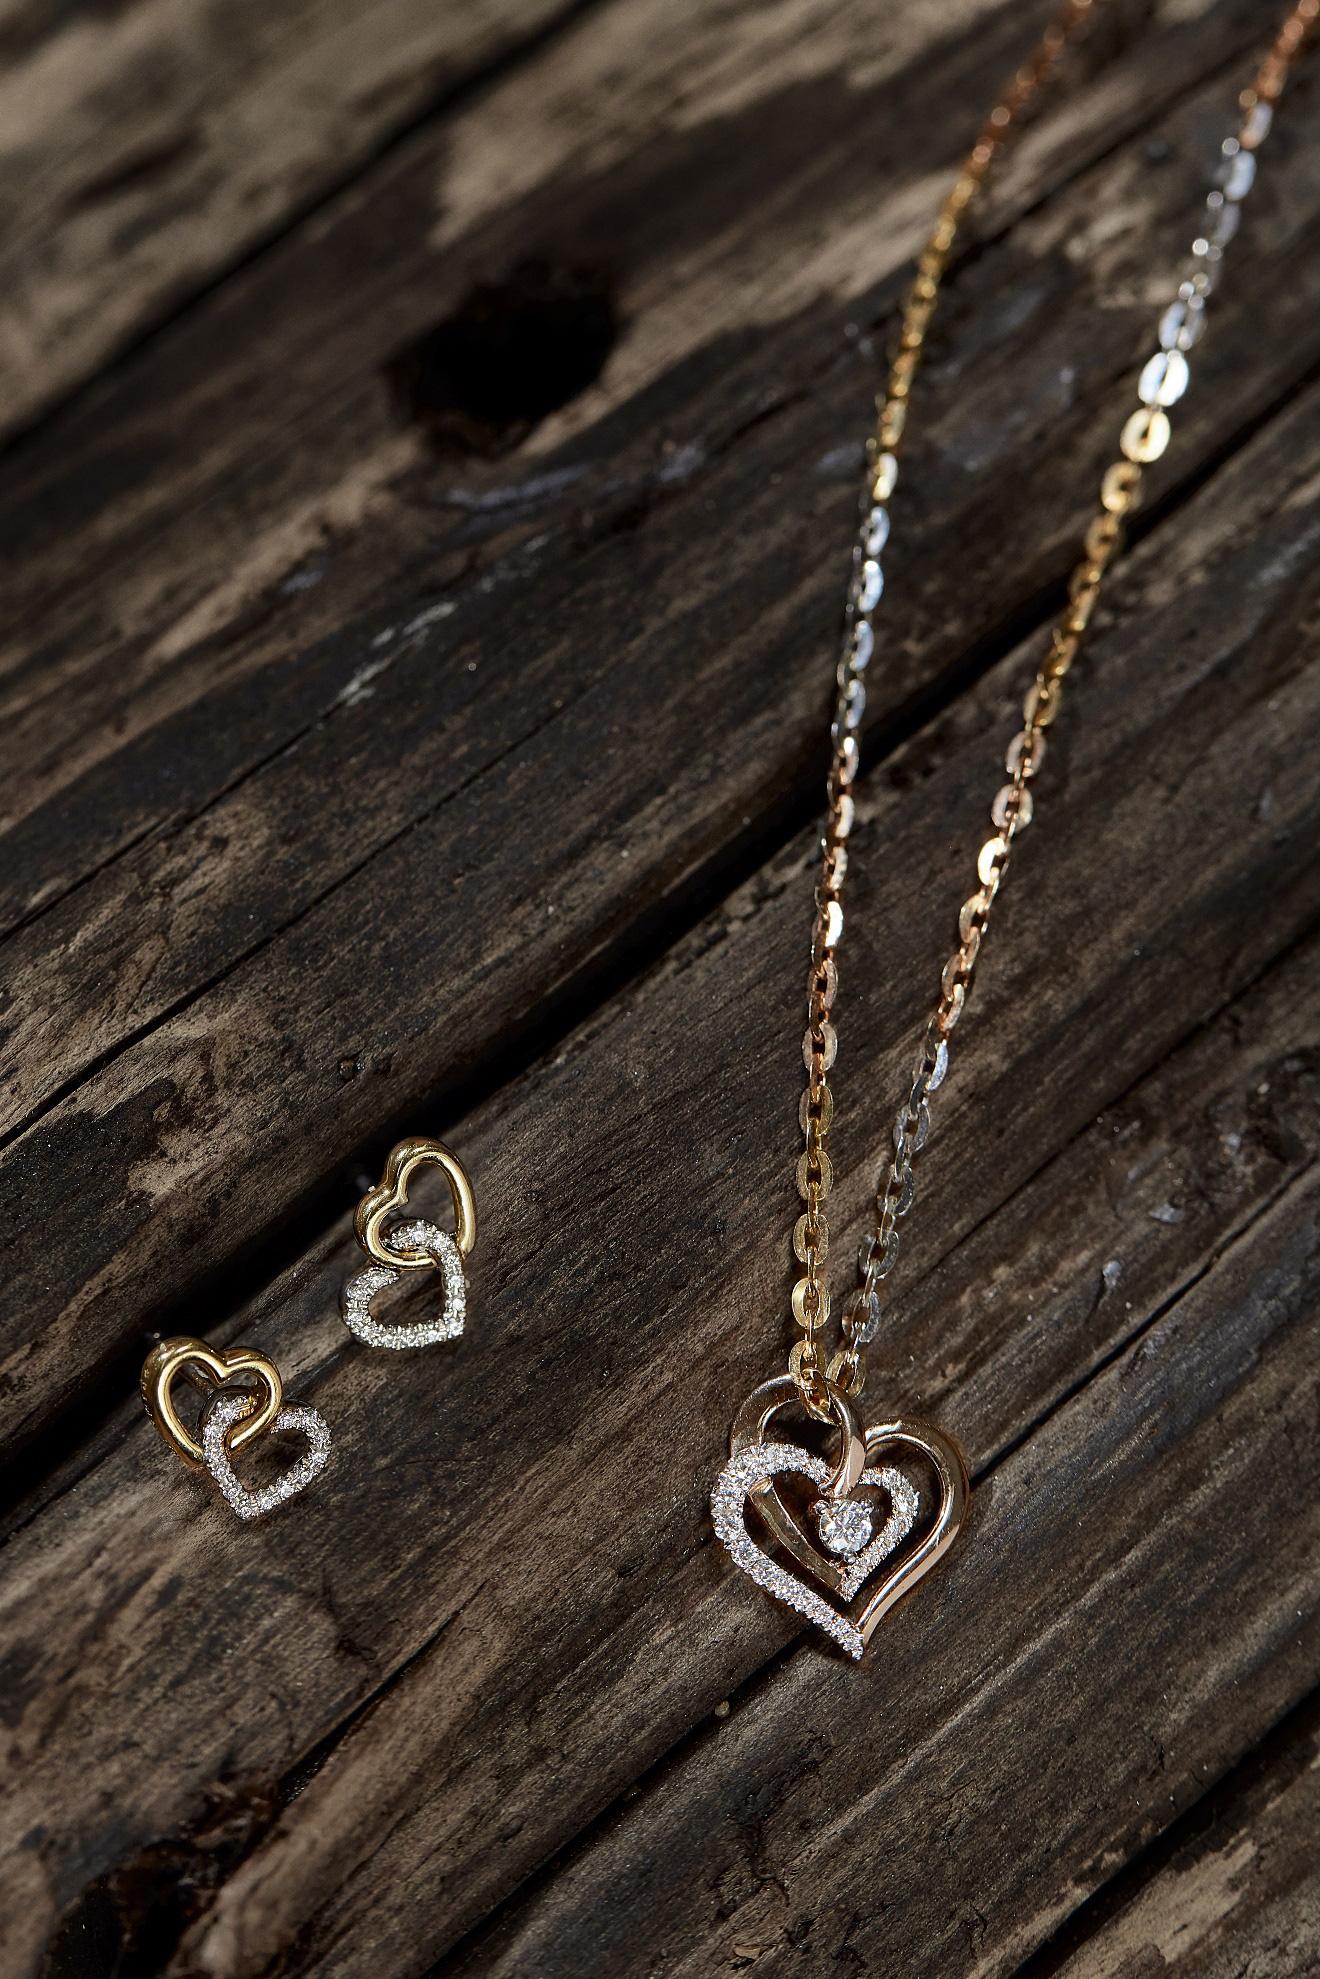 Prima Fine Jewelry giới thiệu sản phẩm vàng 18K và kim cương cho phái đẹp - Ảnh 1.